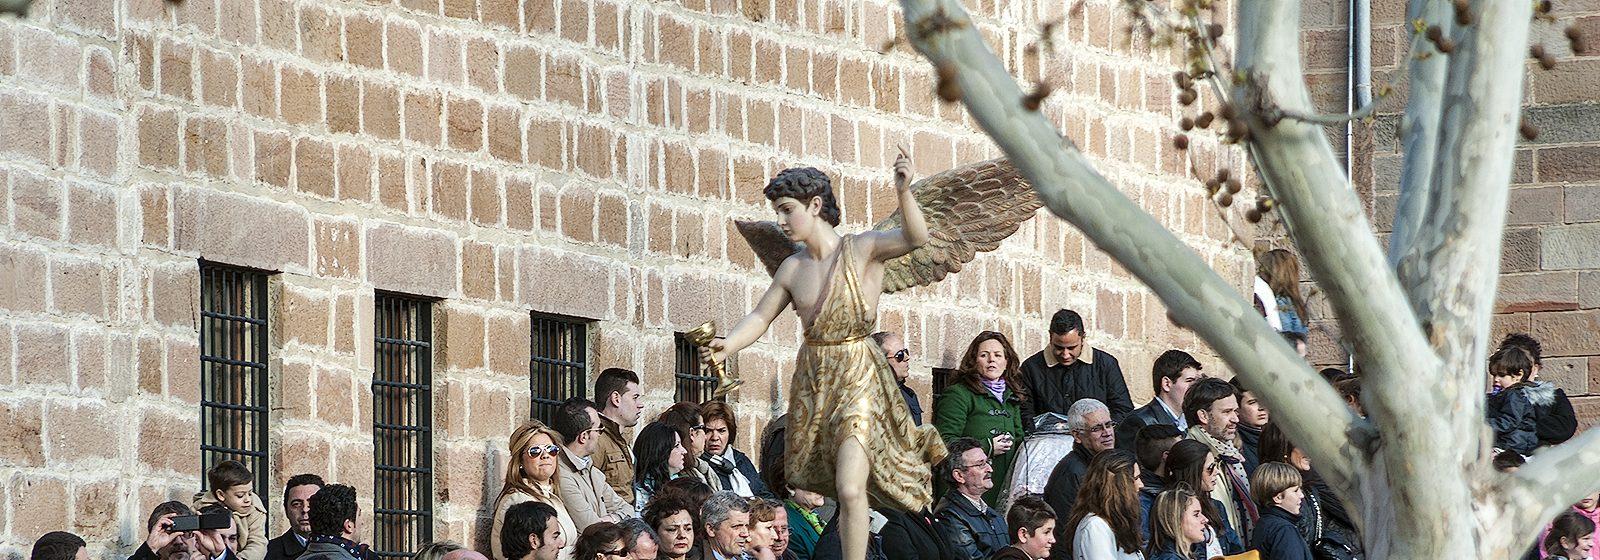 Foto del pequeño trono del Ángel Custodio instantes después de haber salido del templo de Santa María La Mayor.